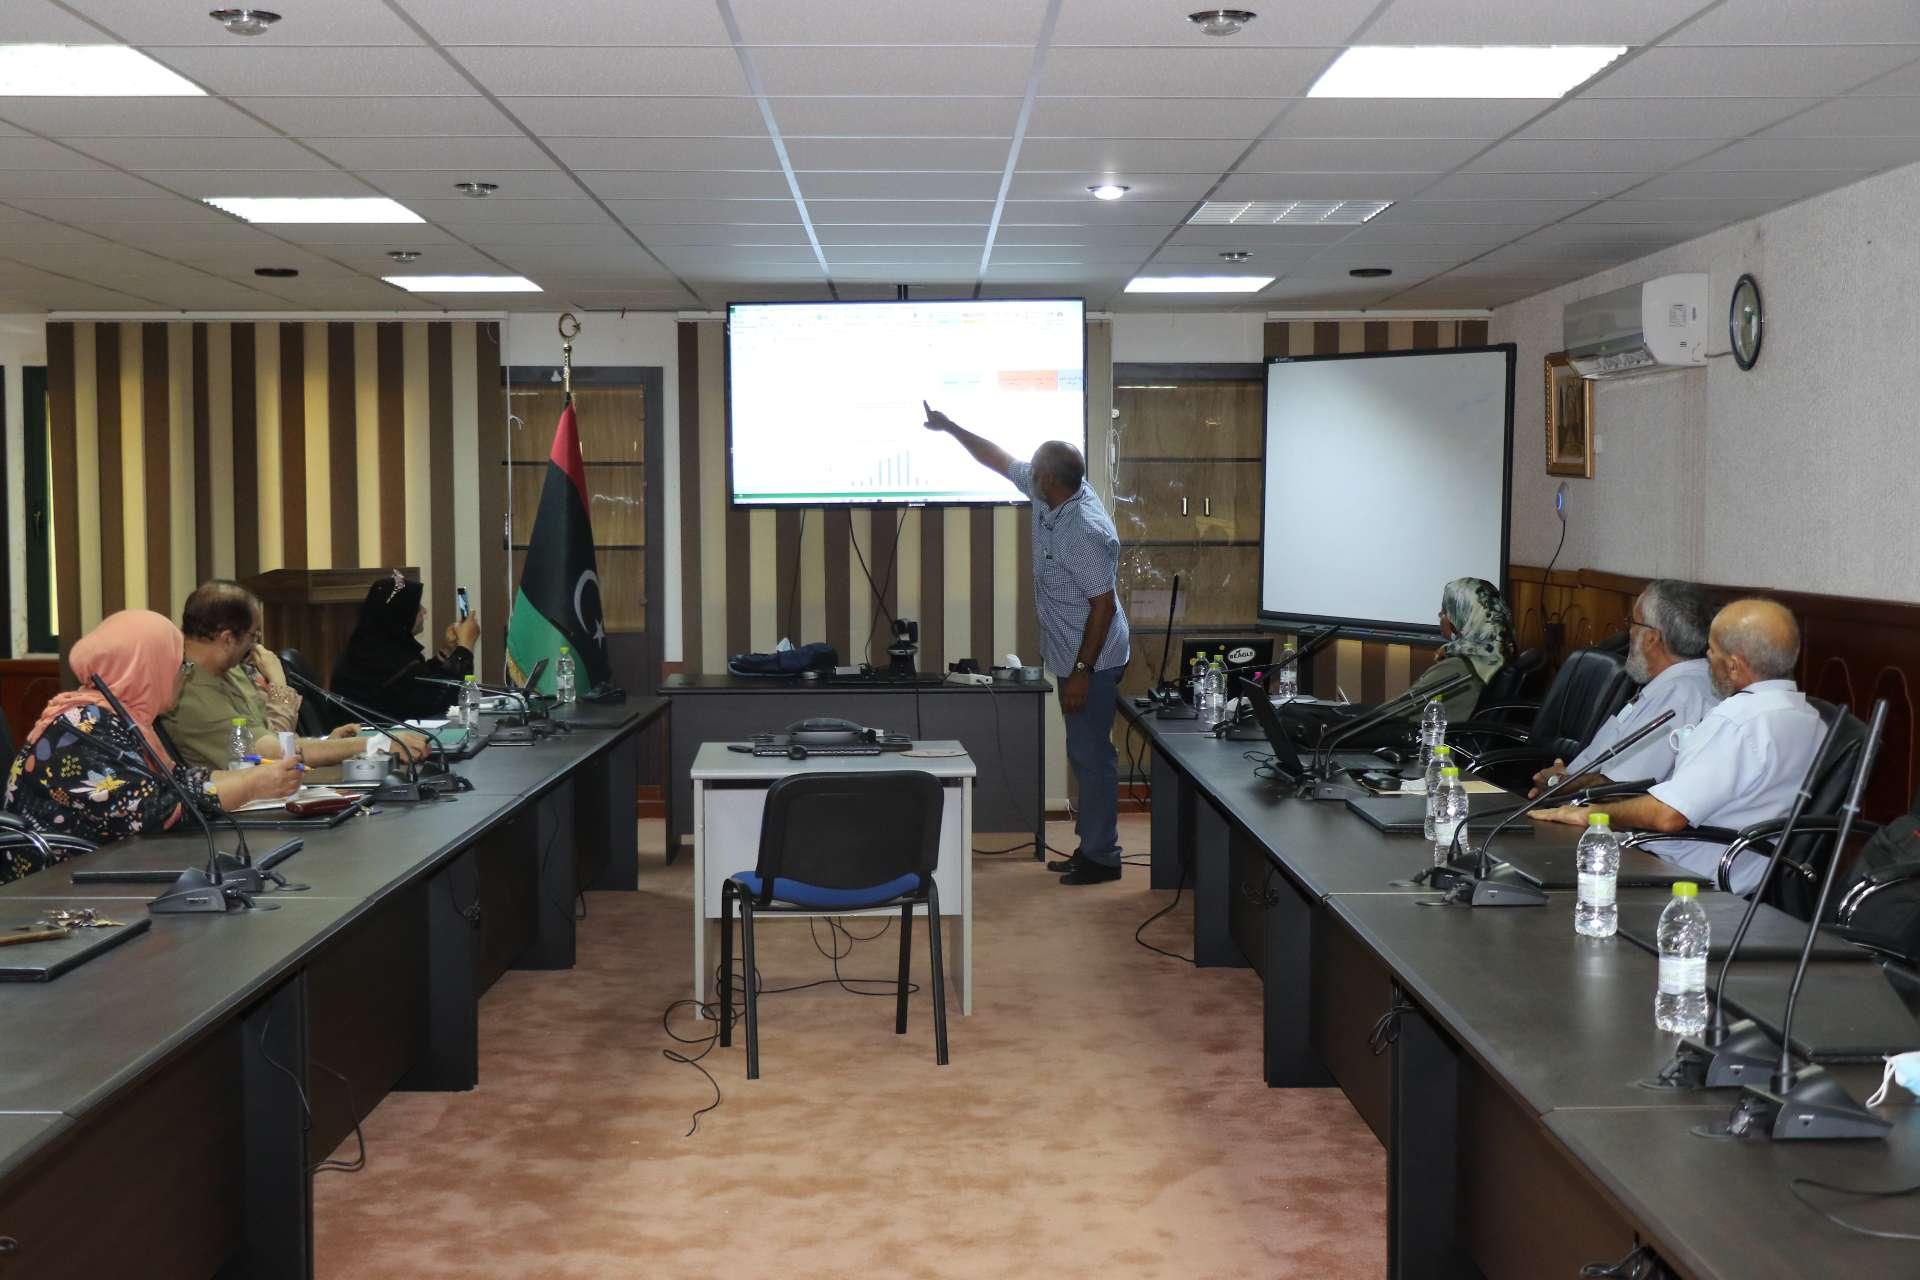 قسم تنمية القدرات بإدارة التطوير بالأكاديمية يقيم جلسة تدريبية لأعضاء هيئة التدريس بالأكاديمية الليبية للدراسات العليا.